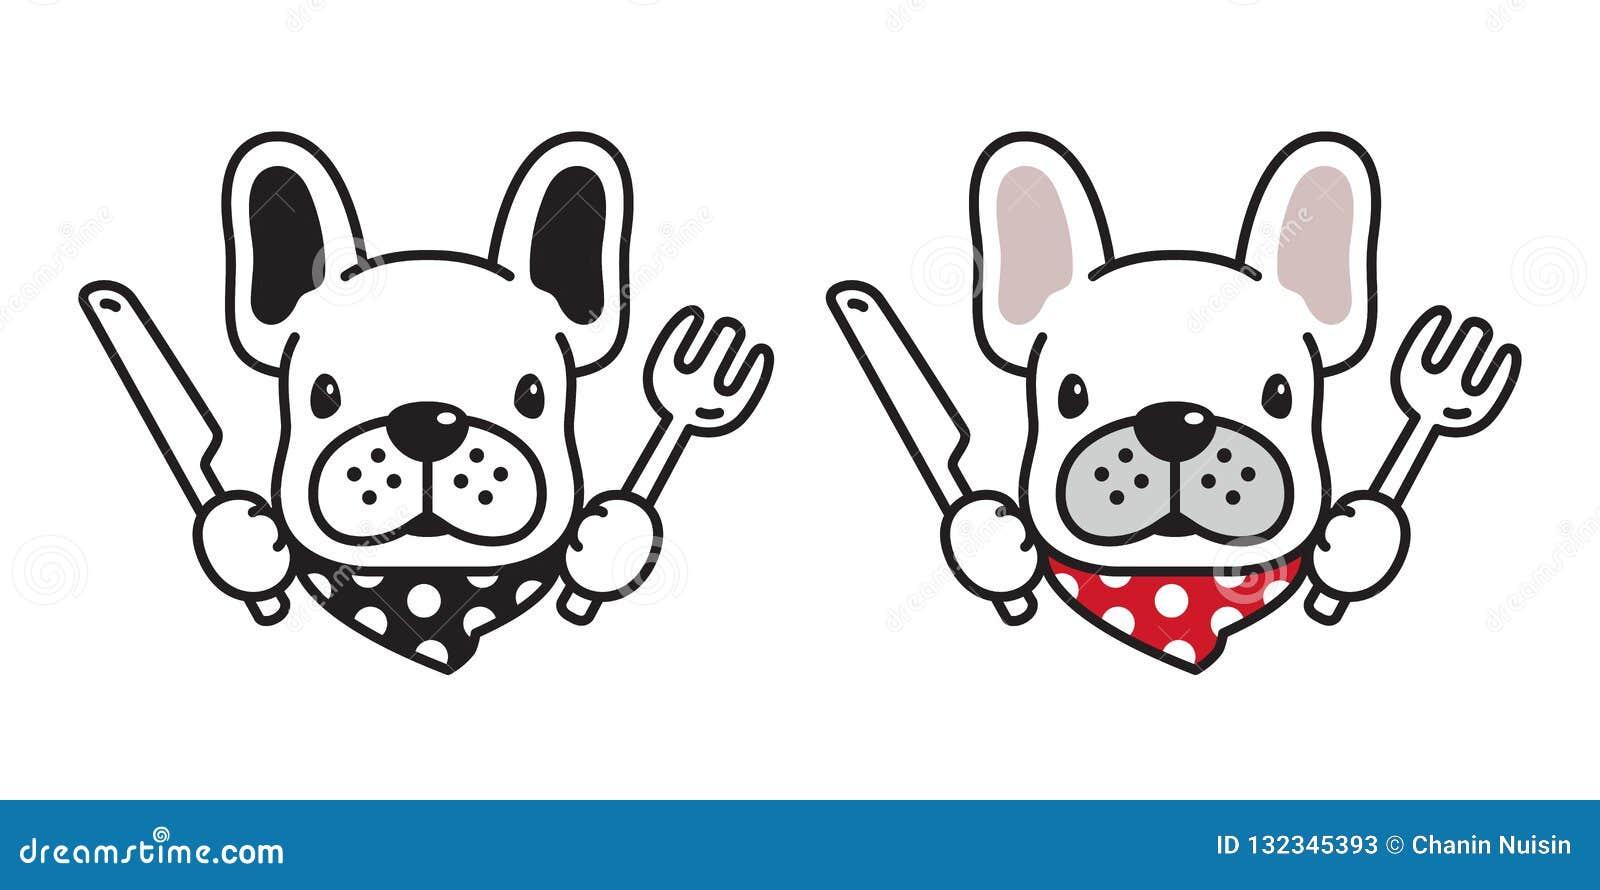 Логотип значка французского бульдога собаки есть иллюстрацию персонажа из мультфильма шарфа вилки ножа еды